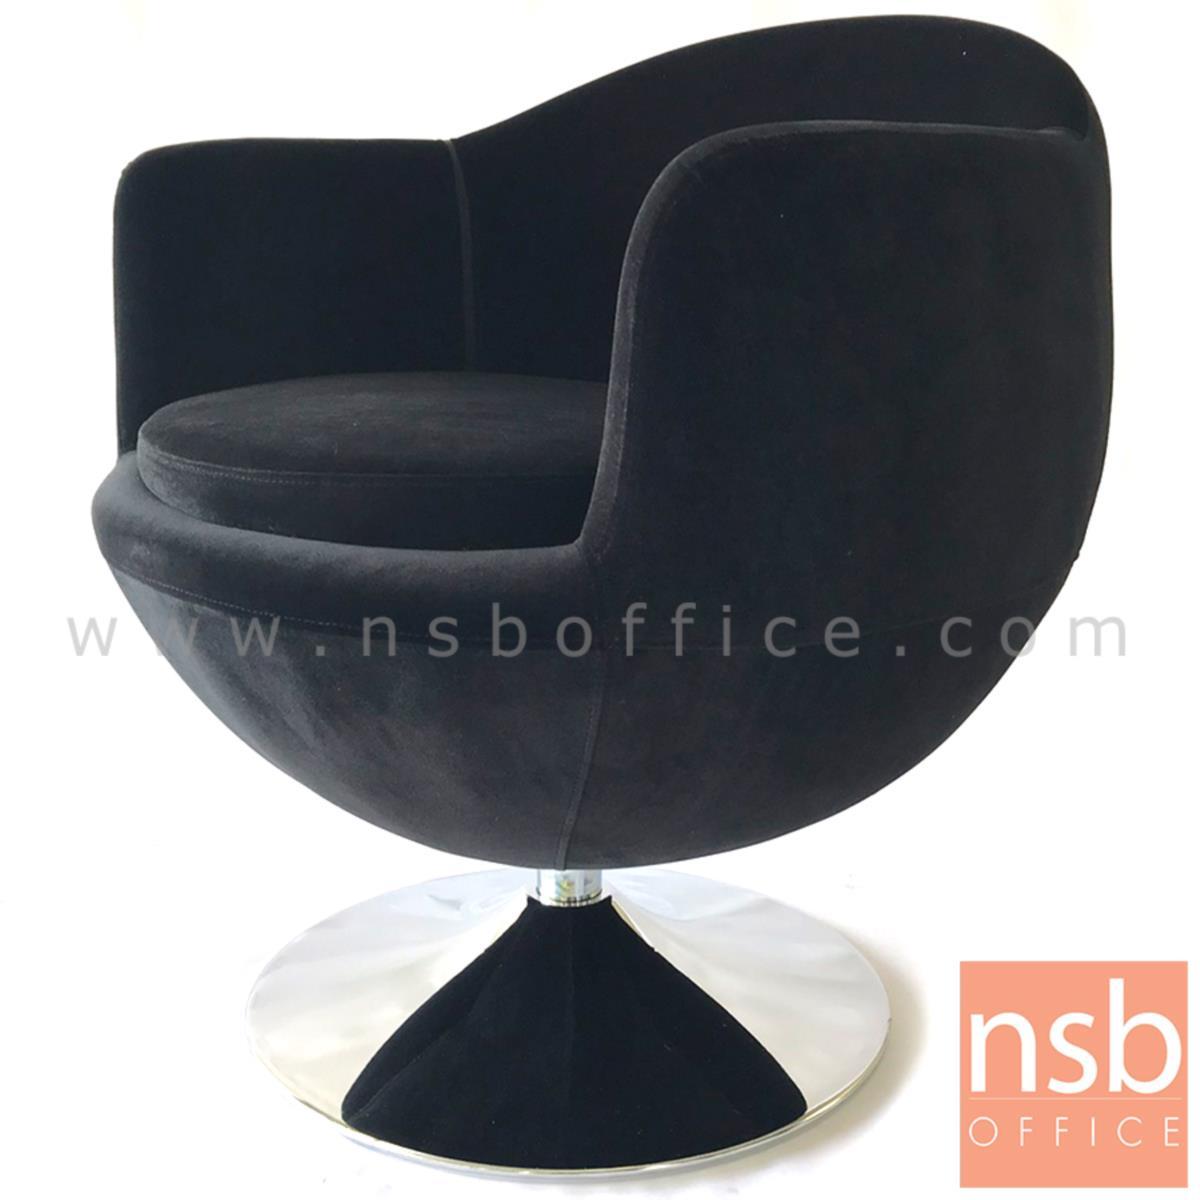 B15A047:เก้าอี้โมเดิร์นหุ้มผ้า รุ่น velvet (เวลเวท)  โครงขาจานเหล็กชุบโครเมี่ยม